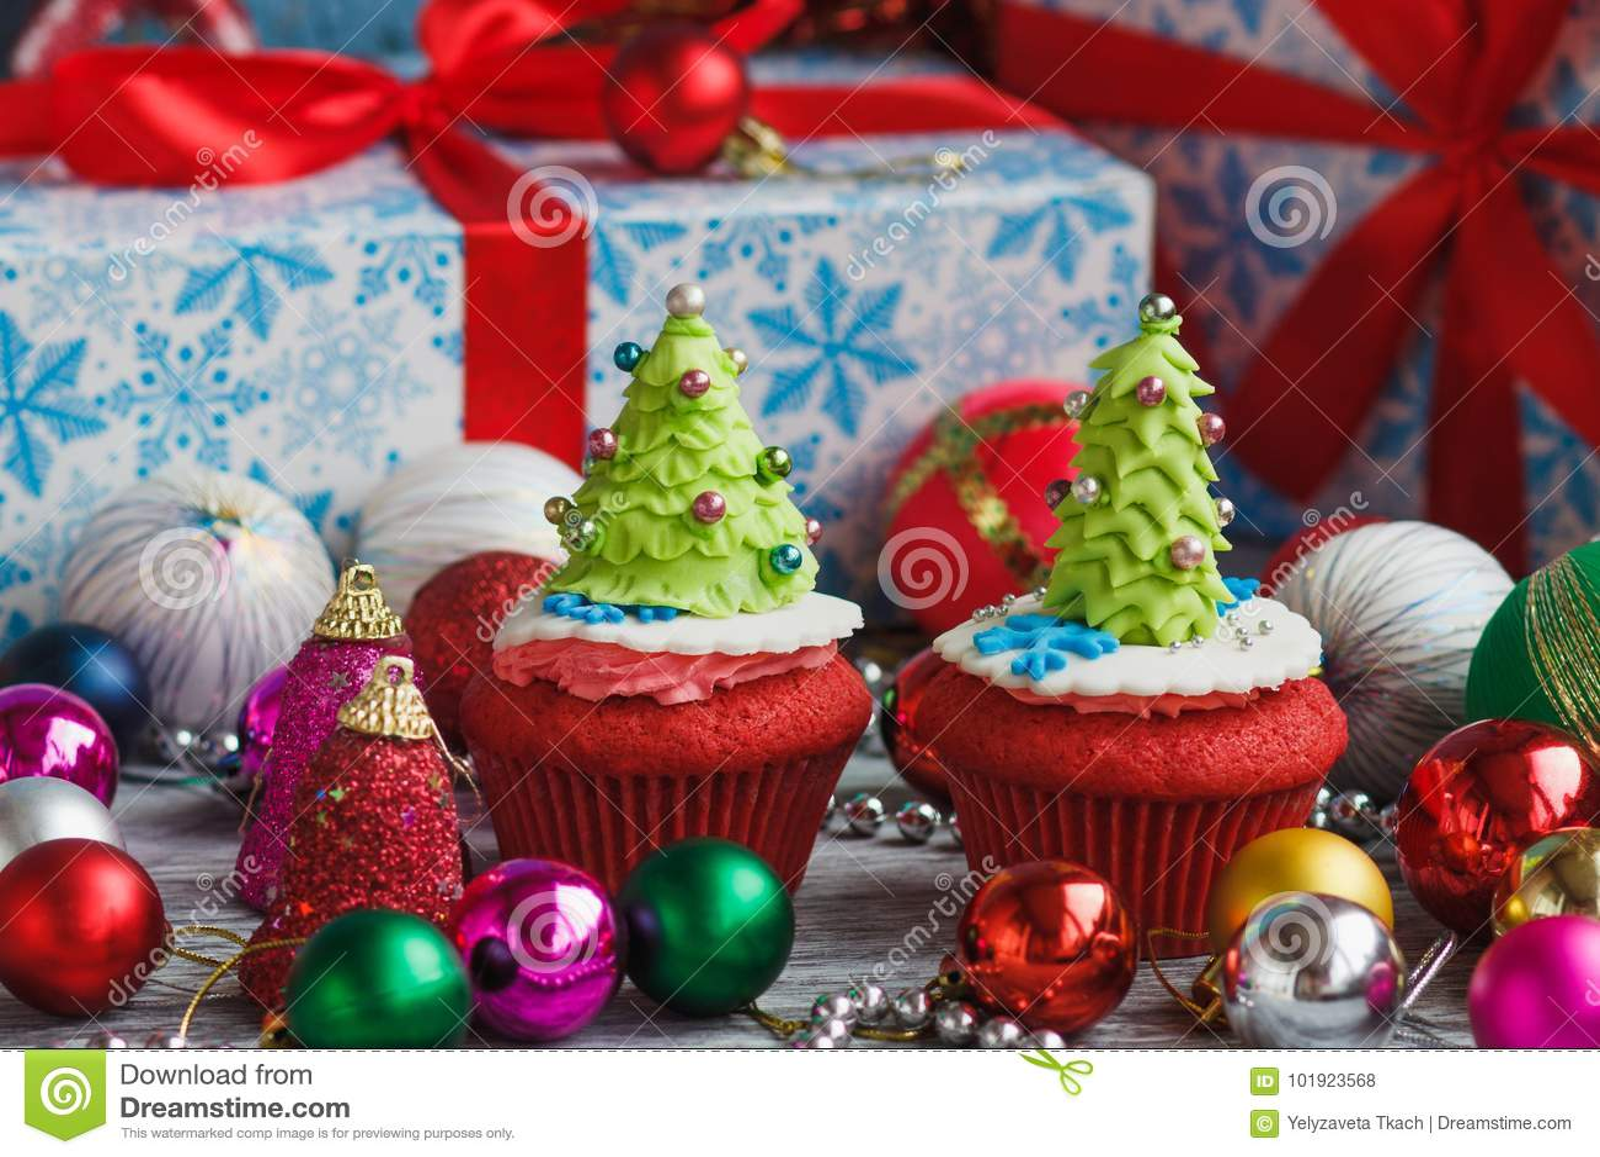 Kerstmis cupcake met gekleurde decoratie stock foto for Decoratie cupcakes